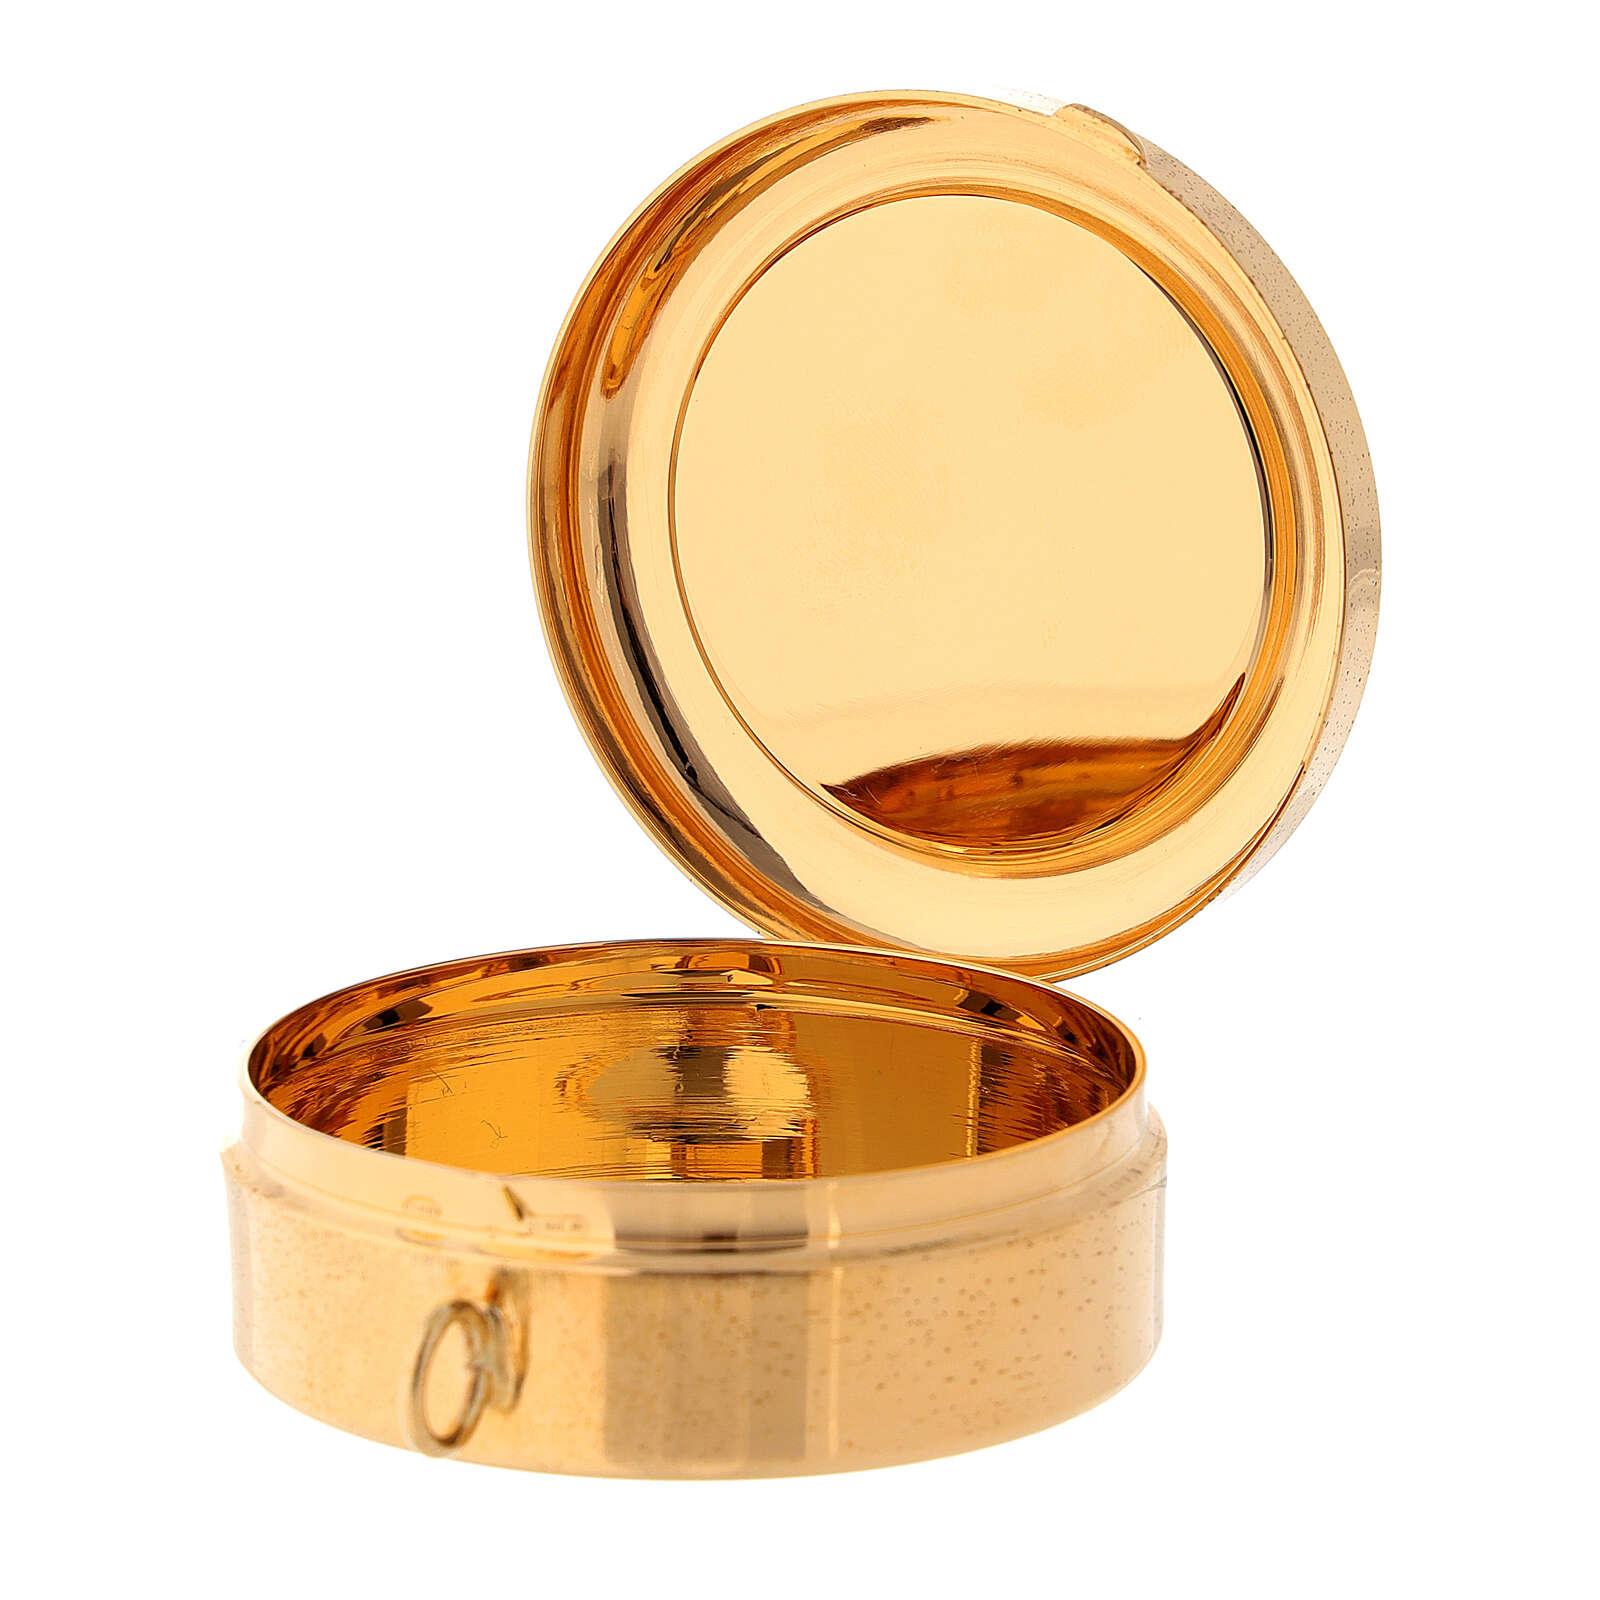 Relicario para hostias IHS esmaltado plata 800 dorado 3